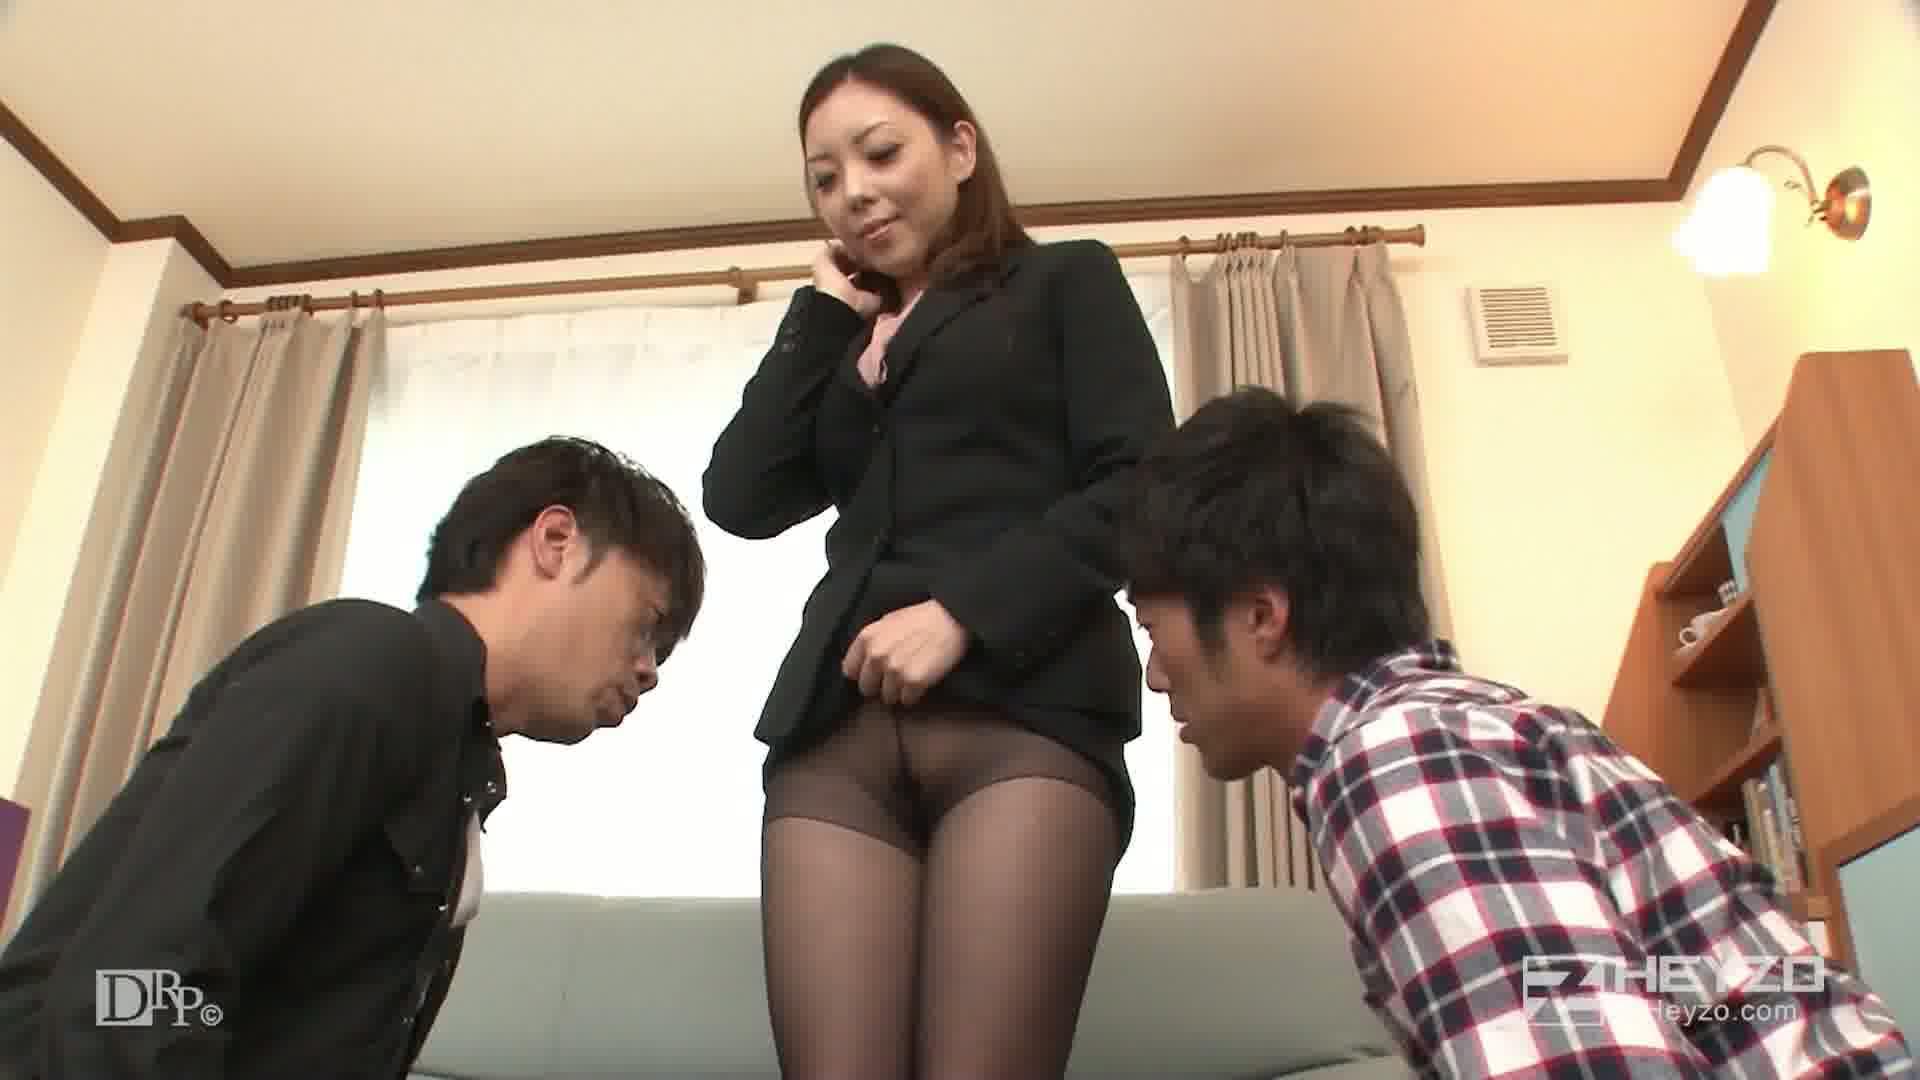 性技の味方!ノーパン女弁護士が痴漢の冤罪をはらします - 水沢真樹【3P開始 キス 指マン クンニ フェラ】